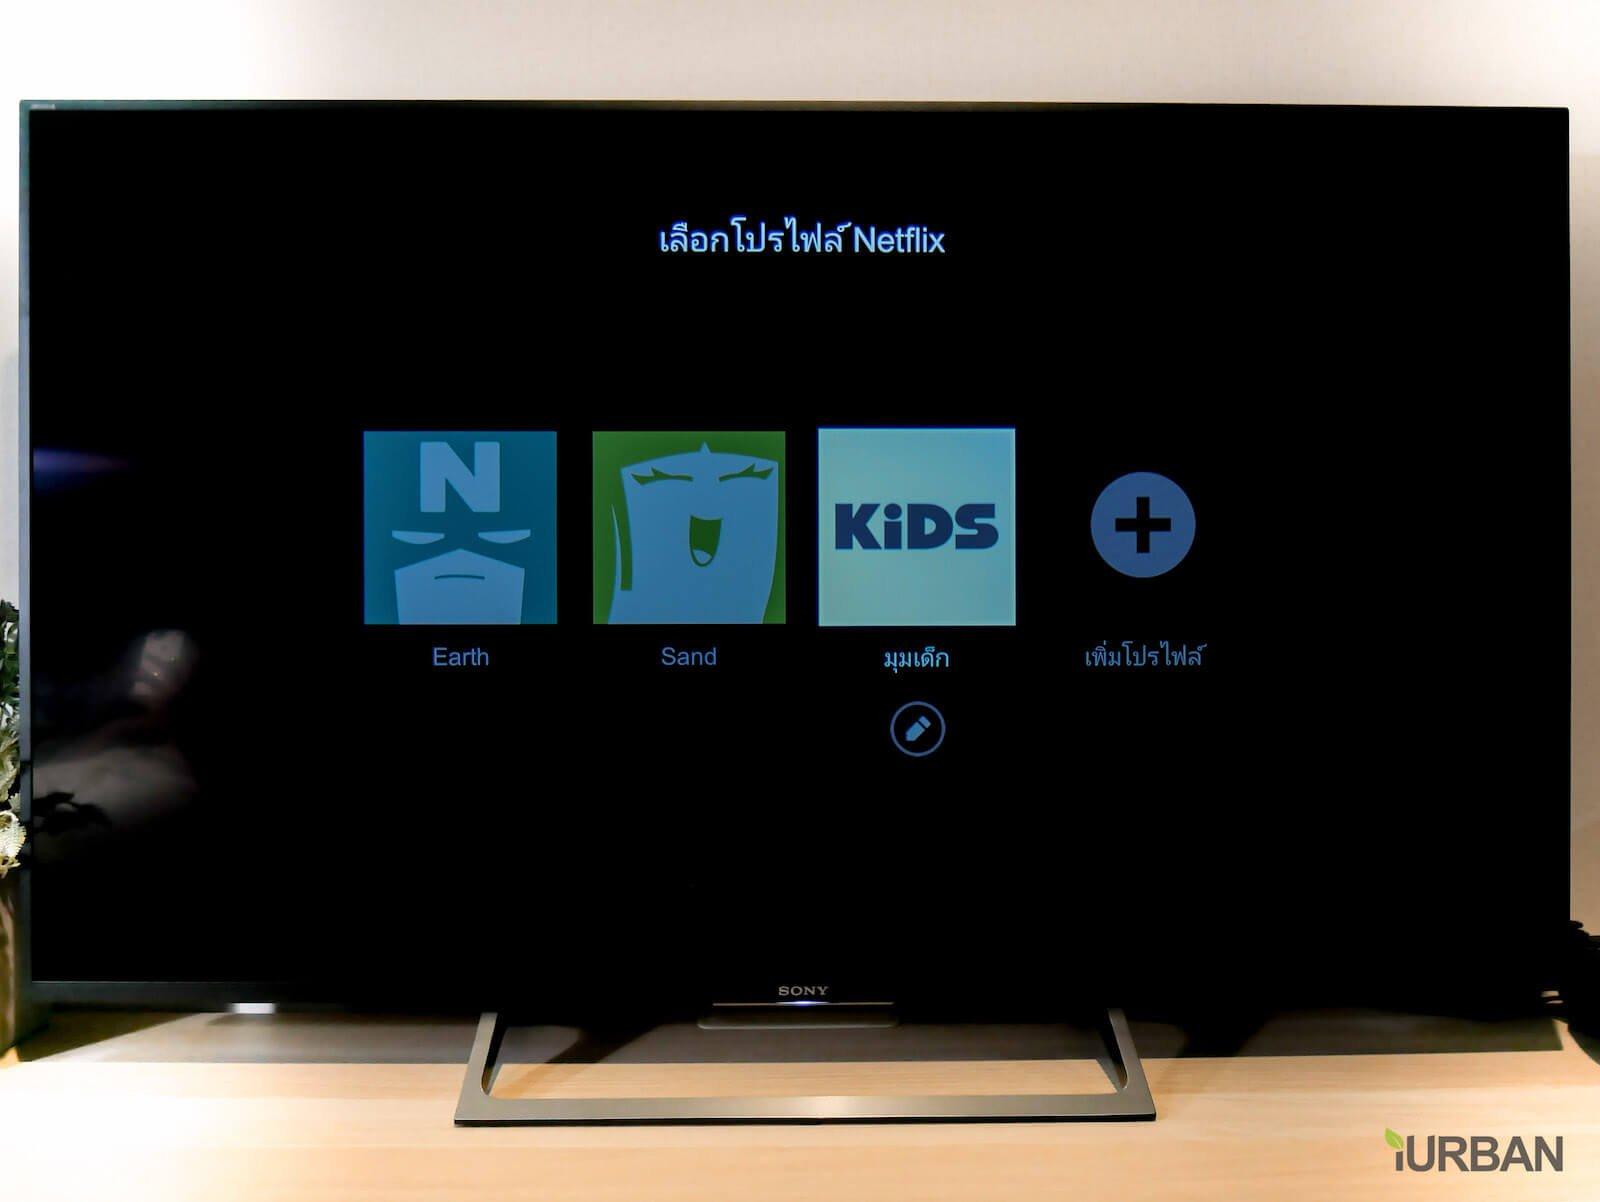 SONY X8500E 4K-HDR Android TV นวัตกรรมที่จะเปลี่ยนชีวิตกับทีวี ให้ไม่เหมือนเดิมอีกต่อไป 71 - Android